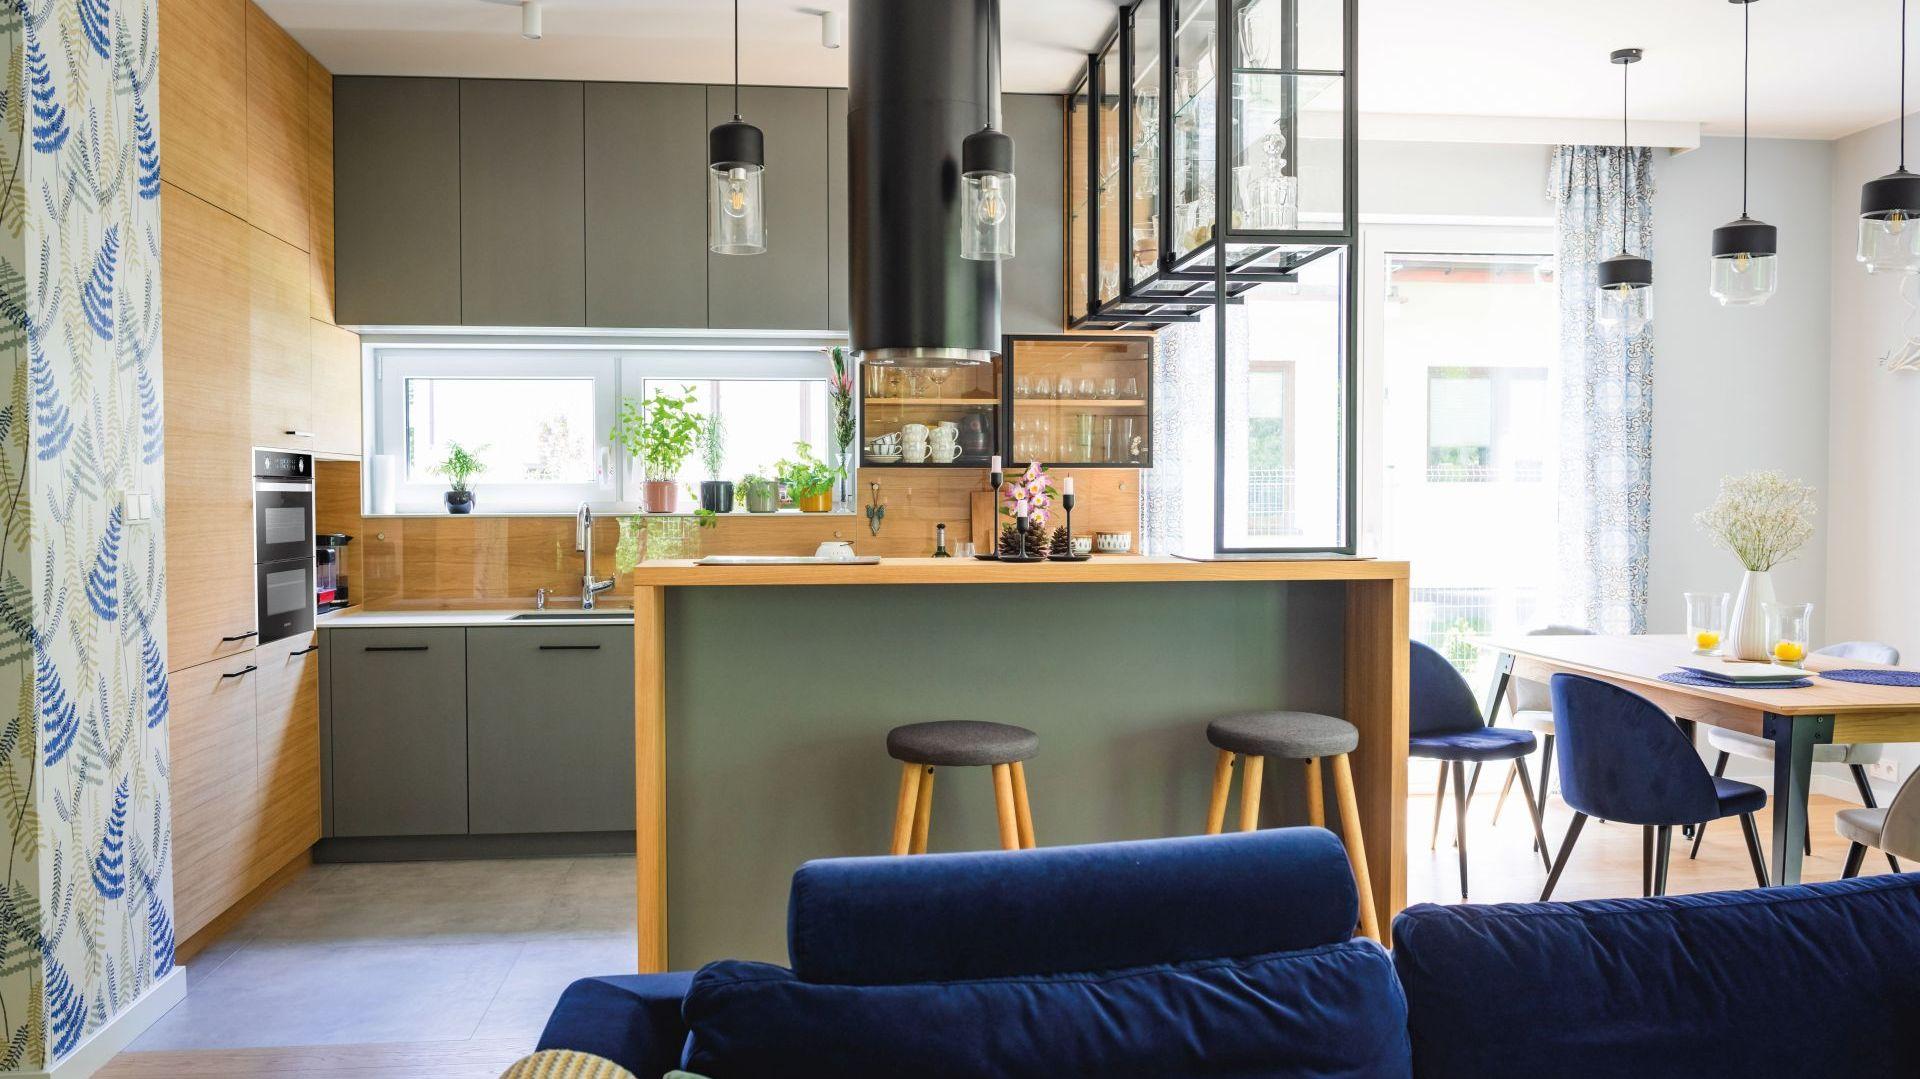 Studio Mebli Kuchennych Max Kuchnie Strefa na wymiar Garwolin. Realizacja kuchni zgłoszona do konkursu Kuchnia-Studio Roku 2020 na najlepsze realizacje wykonane przez studia kuchenne.